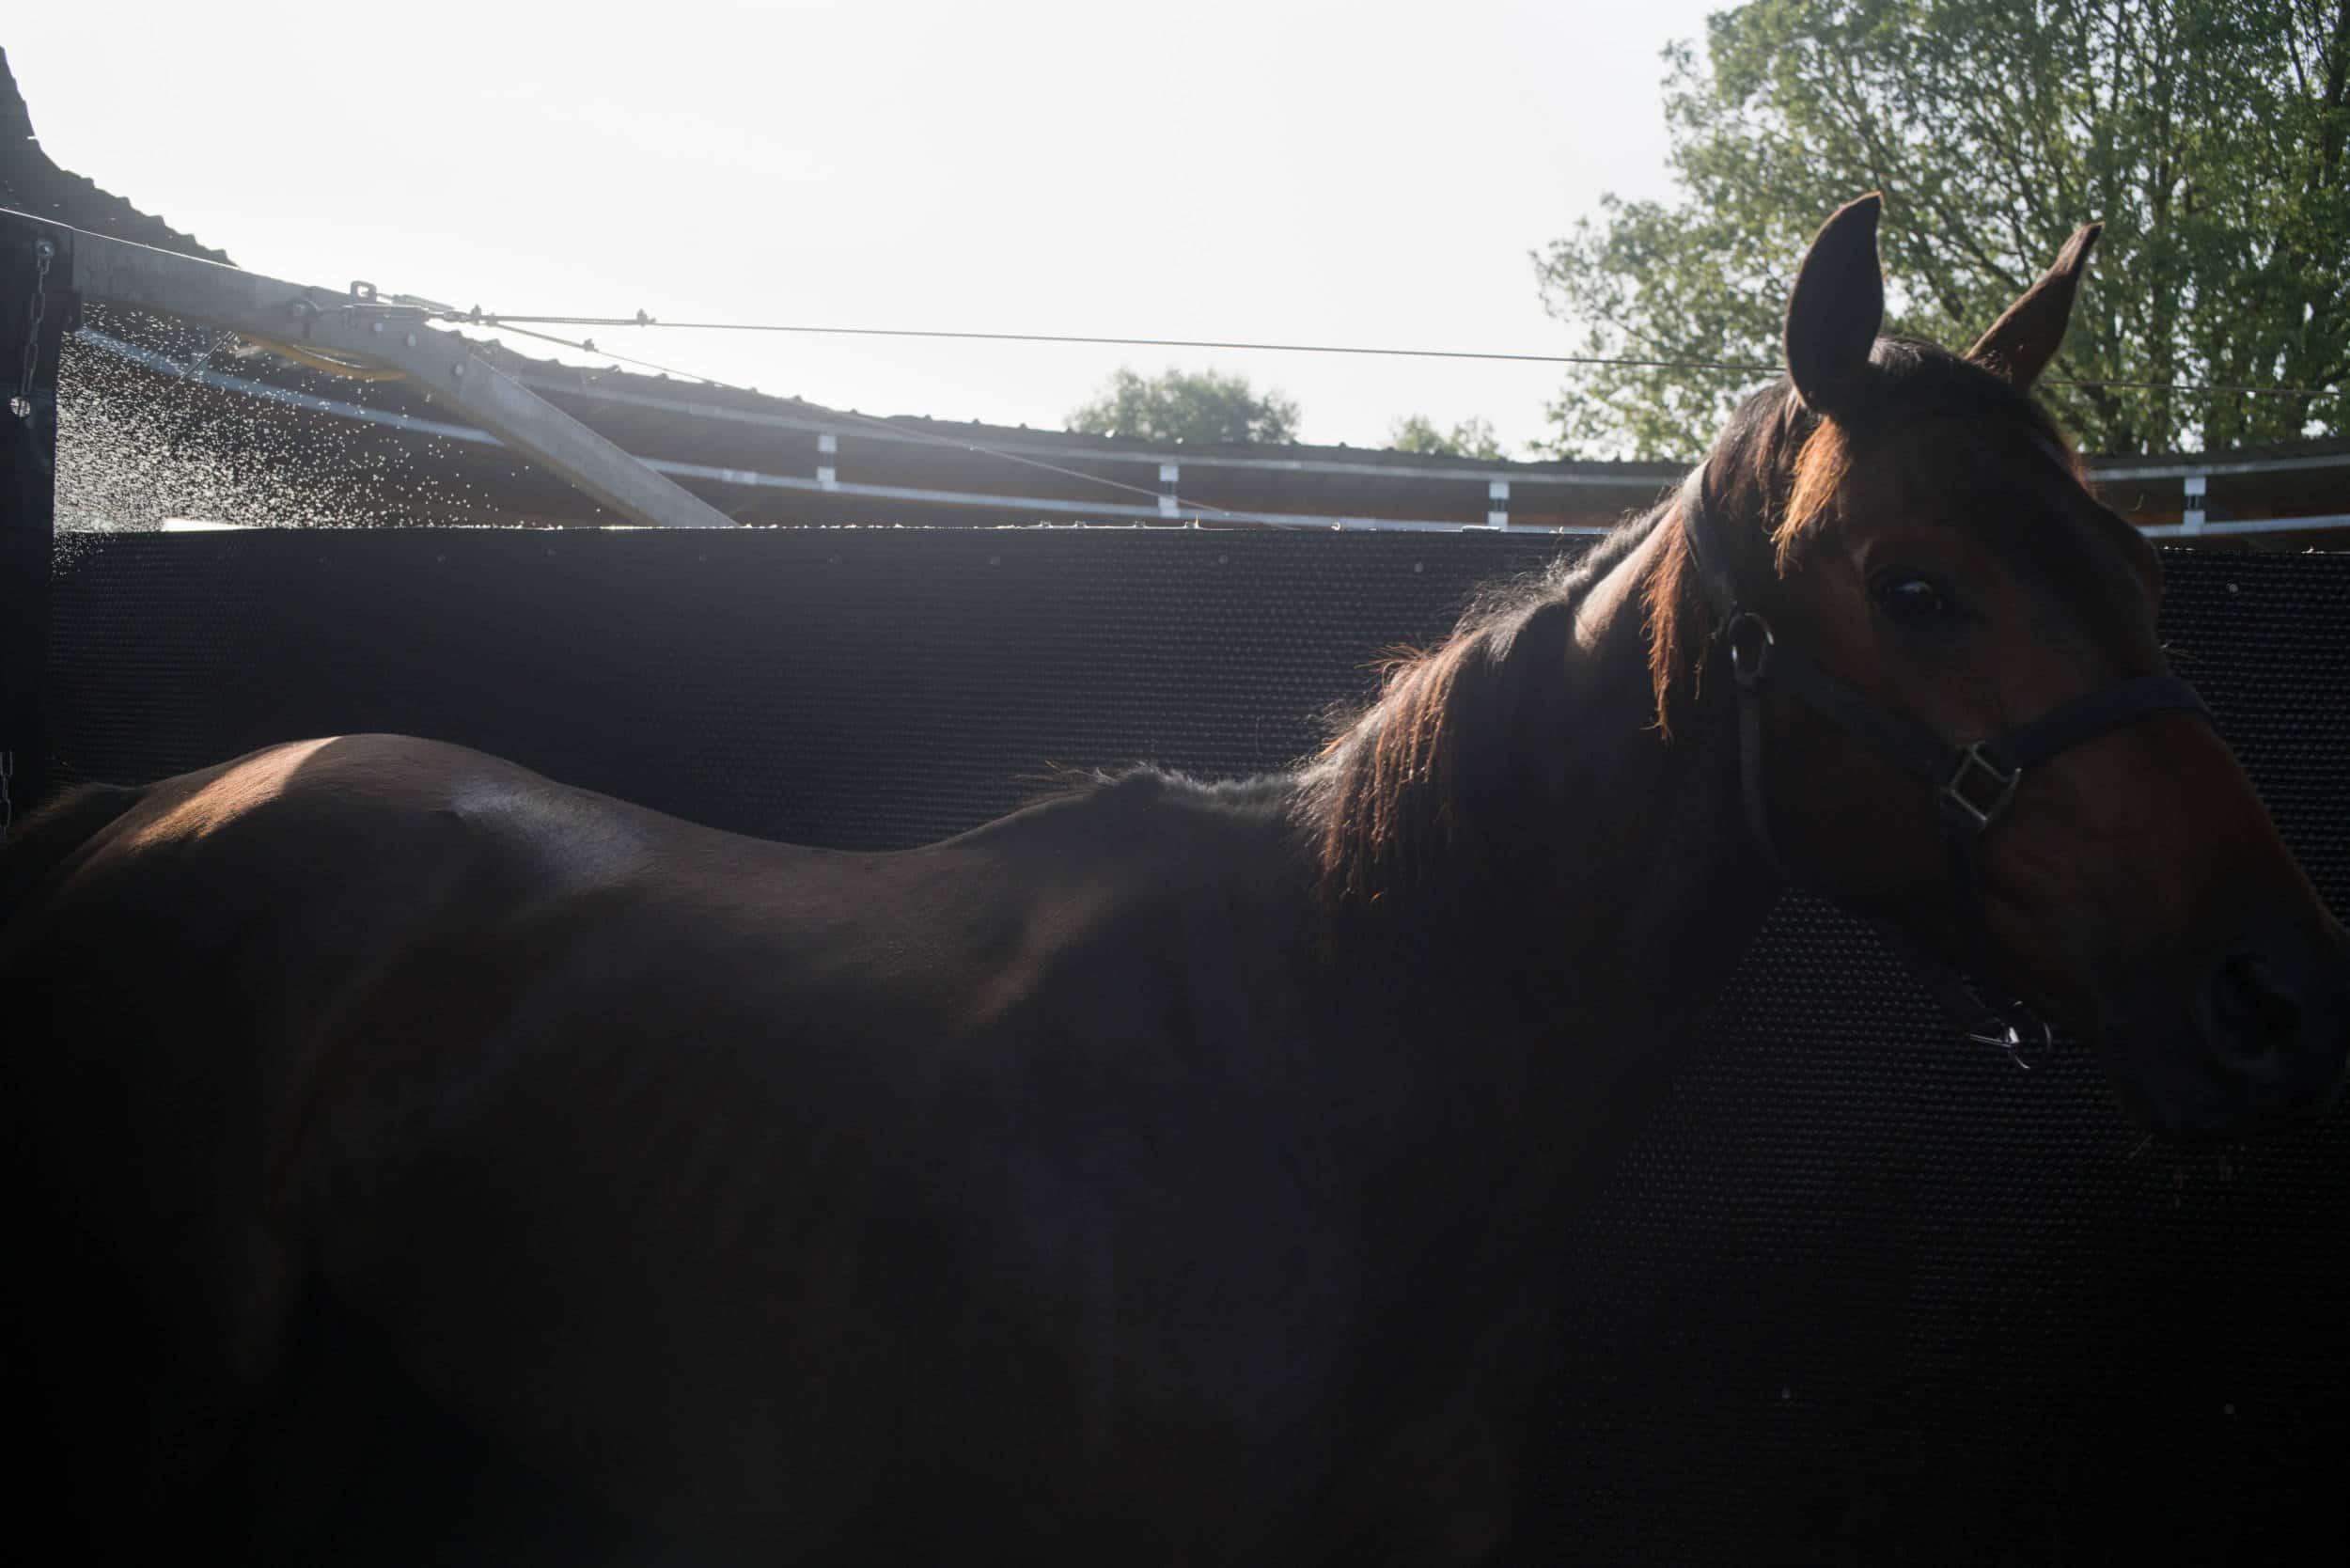 Un cheval se découpe sur un fond noir, en extérieur. On aperçoit des gouttes d'eau en arrière plan.